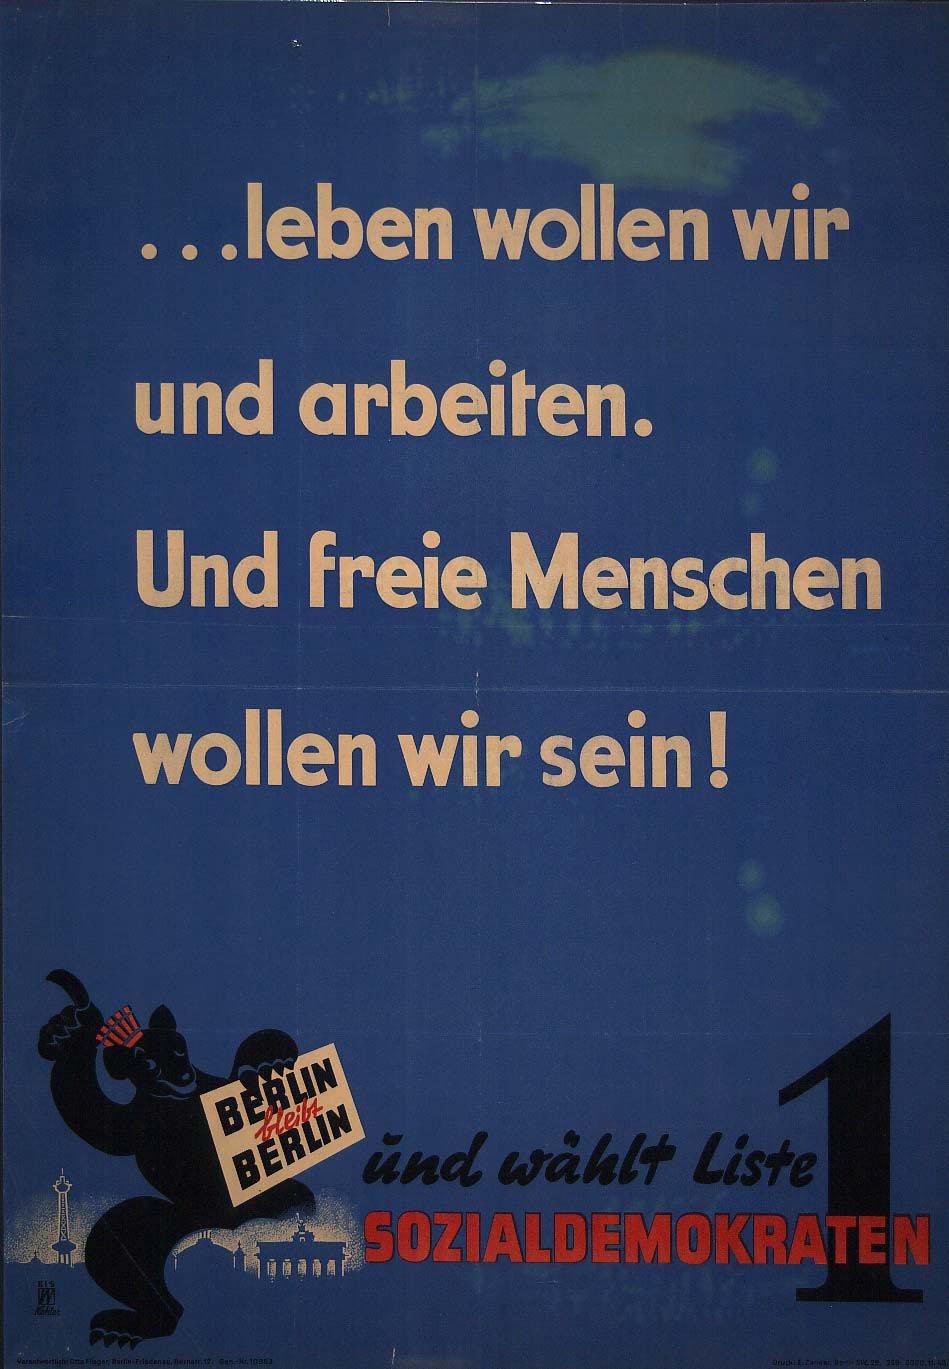 Widerstand der Berliner Falken | Jugendopposition in der DDR